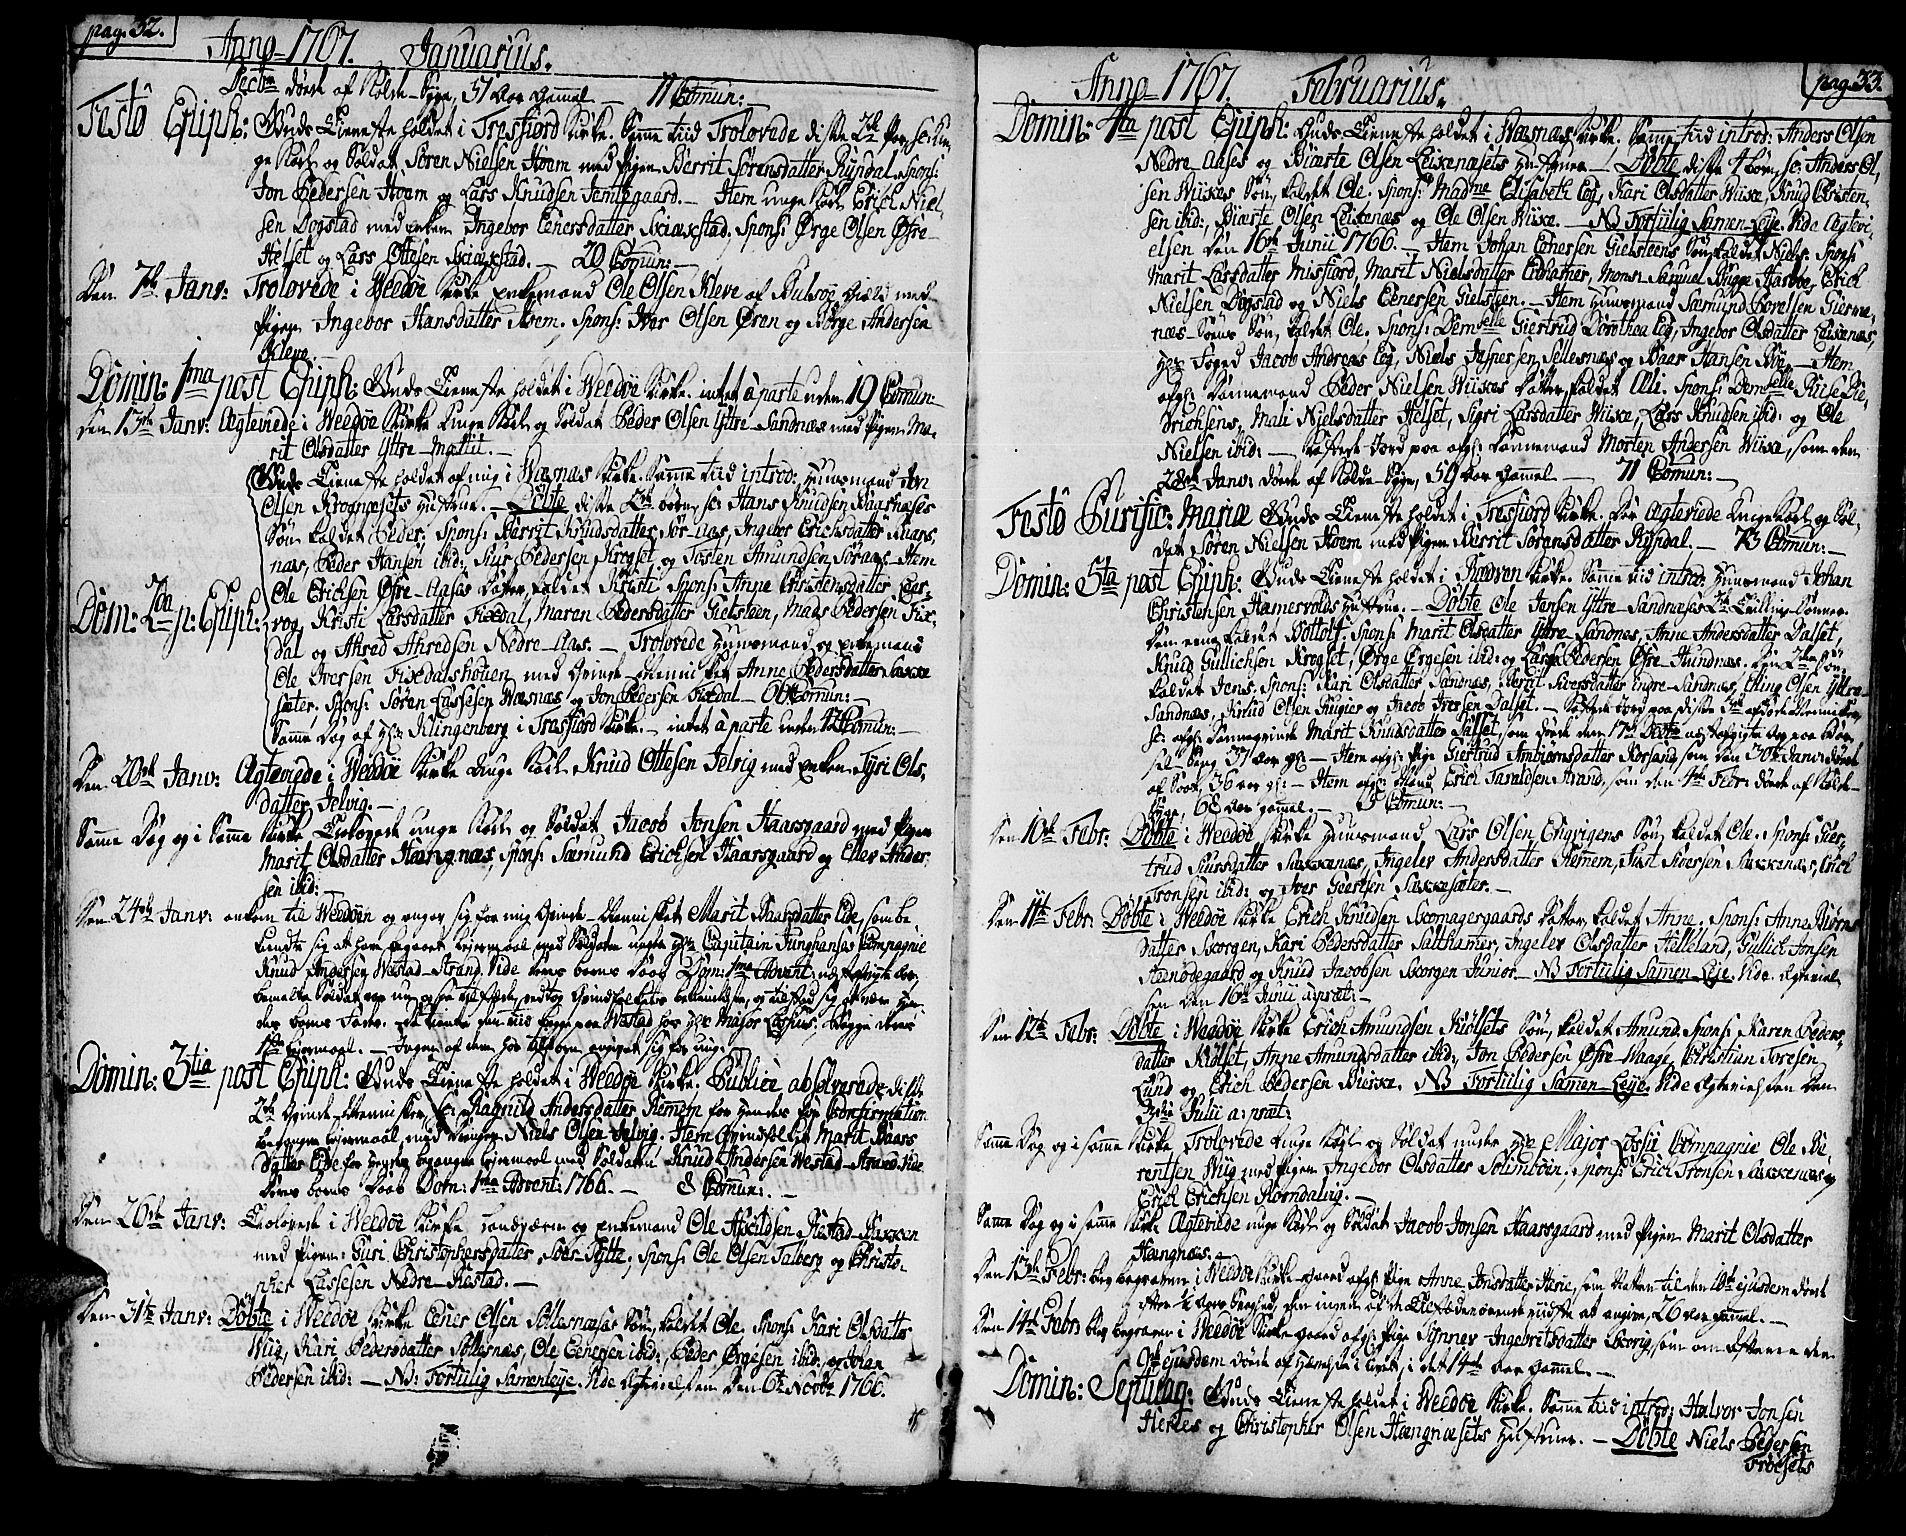 SAT, Ministerialprotokoller, klokkerbøker og fødselsregistre - Møre og Romsdal, 547/L0600: Ministerialbok nr. 547A02, 1765-1799, s. 32-33